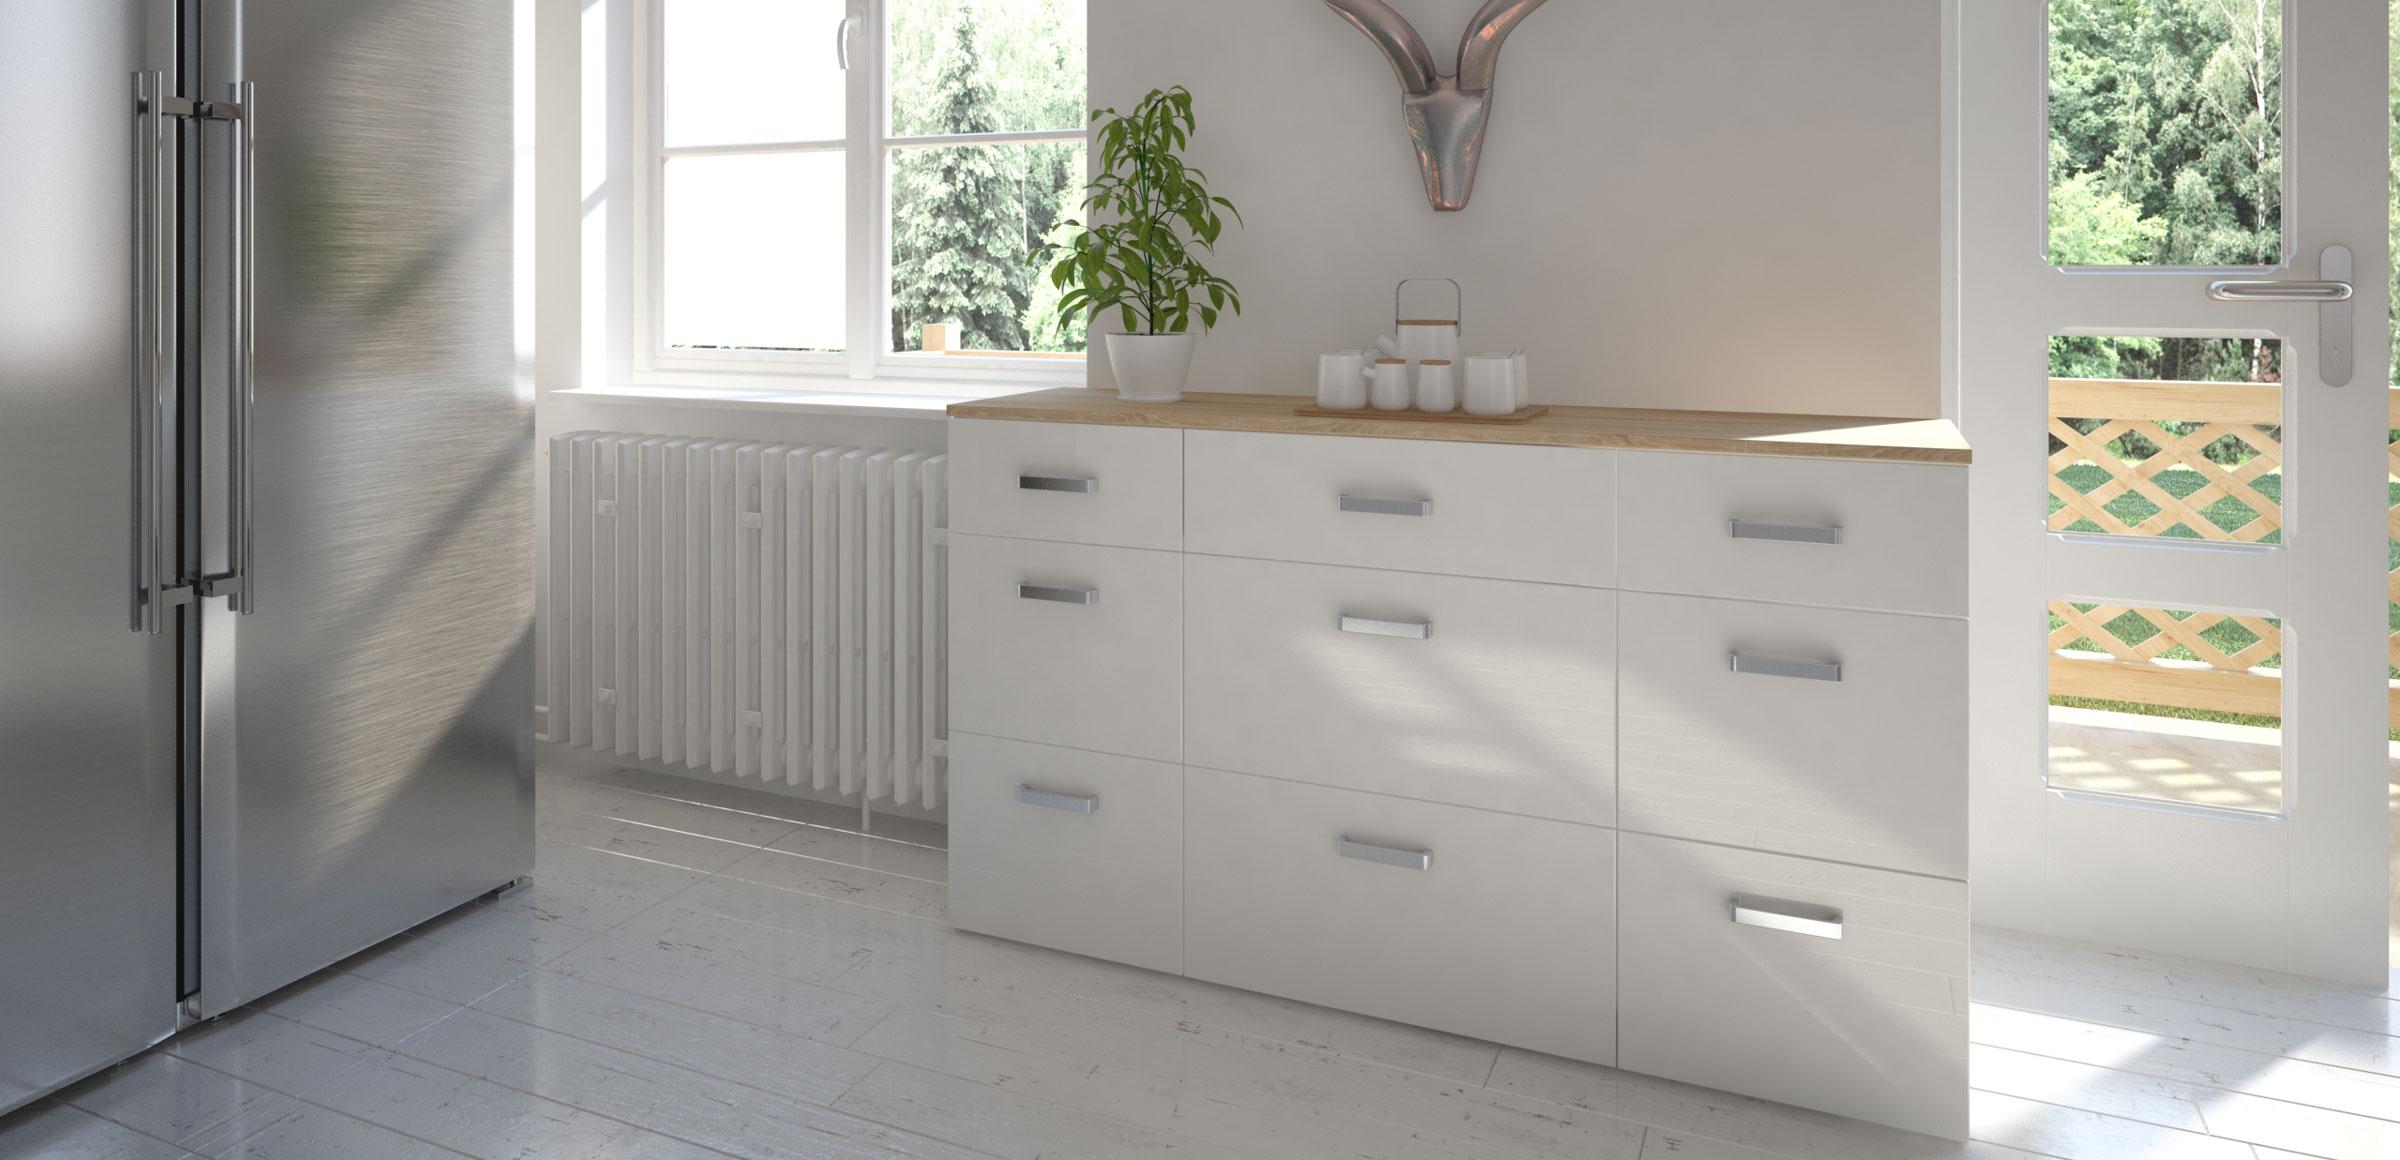 Full Size of Küchenmöbel Jetzt Kchenschrank Nach Ma Online Selbst Konfigurieren Wohnzimmer Küchenmöbel